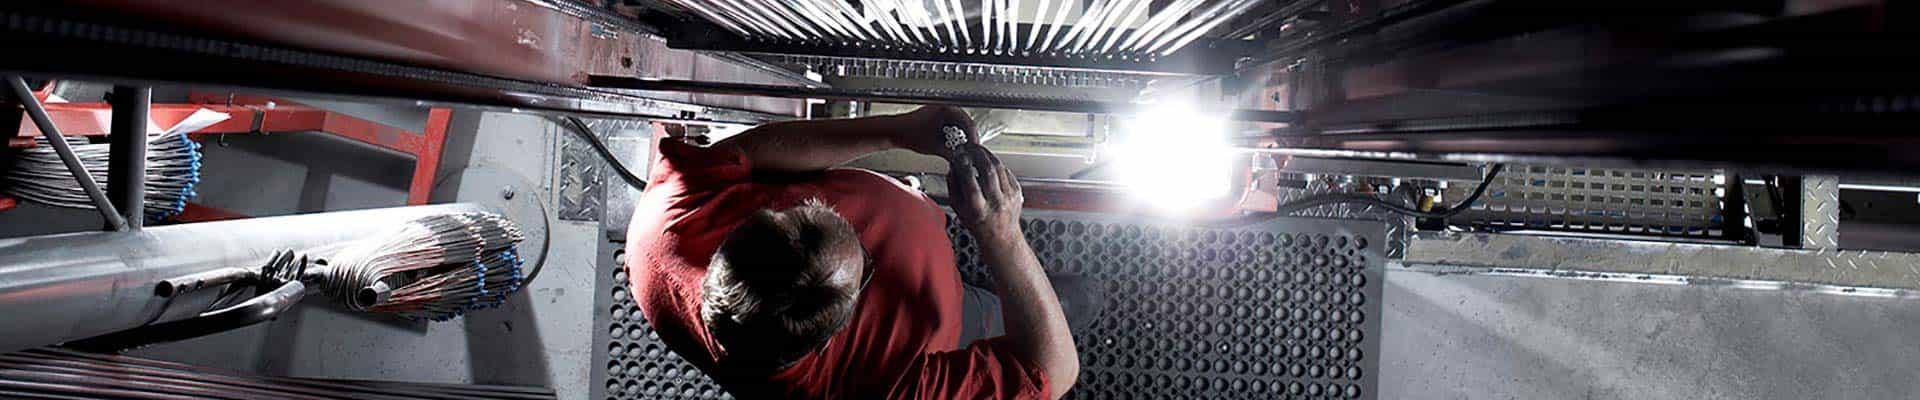 Качественное и надёжное нагревательное оборудование для различных областей промышленности